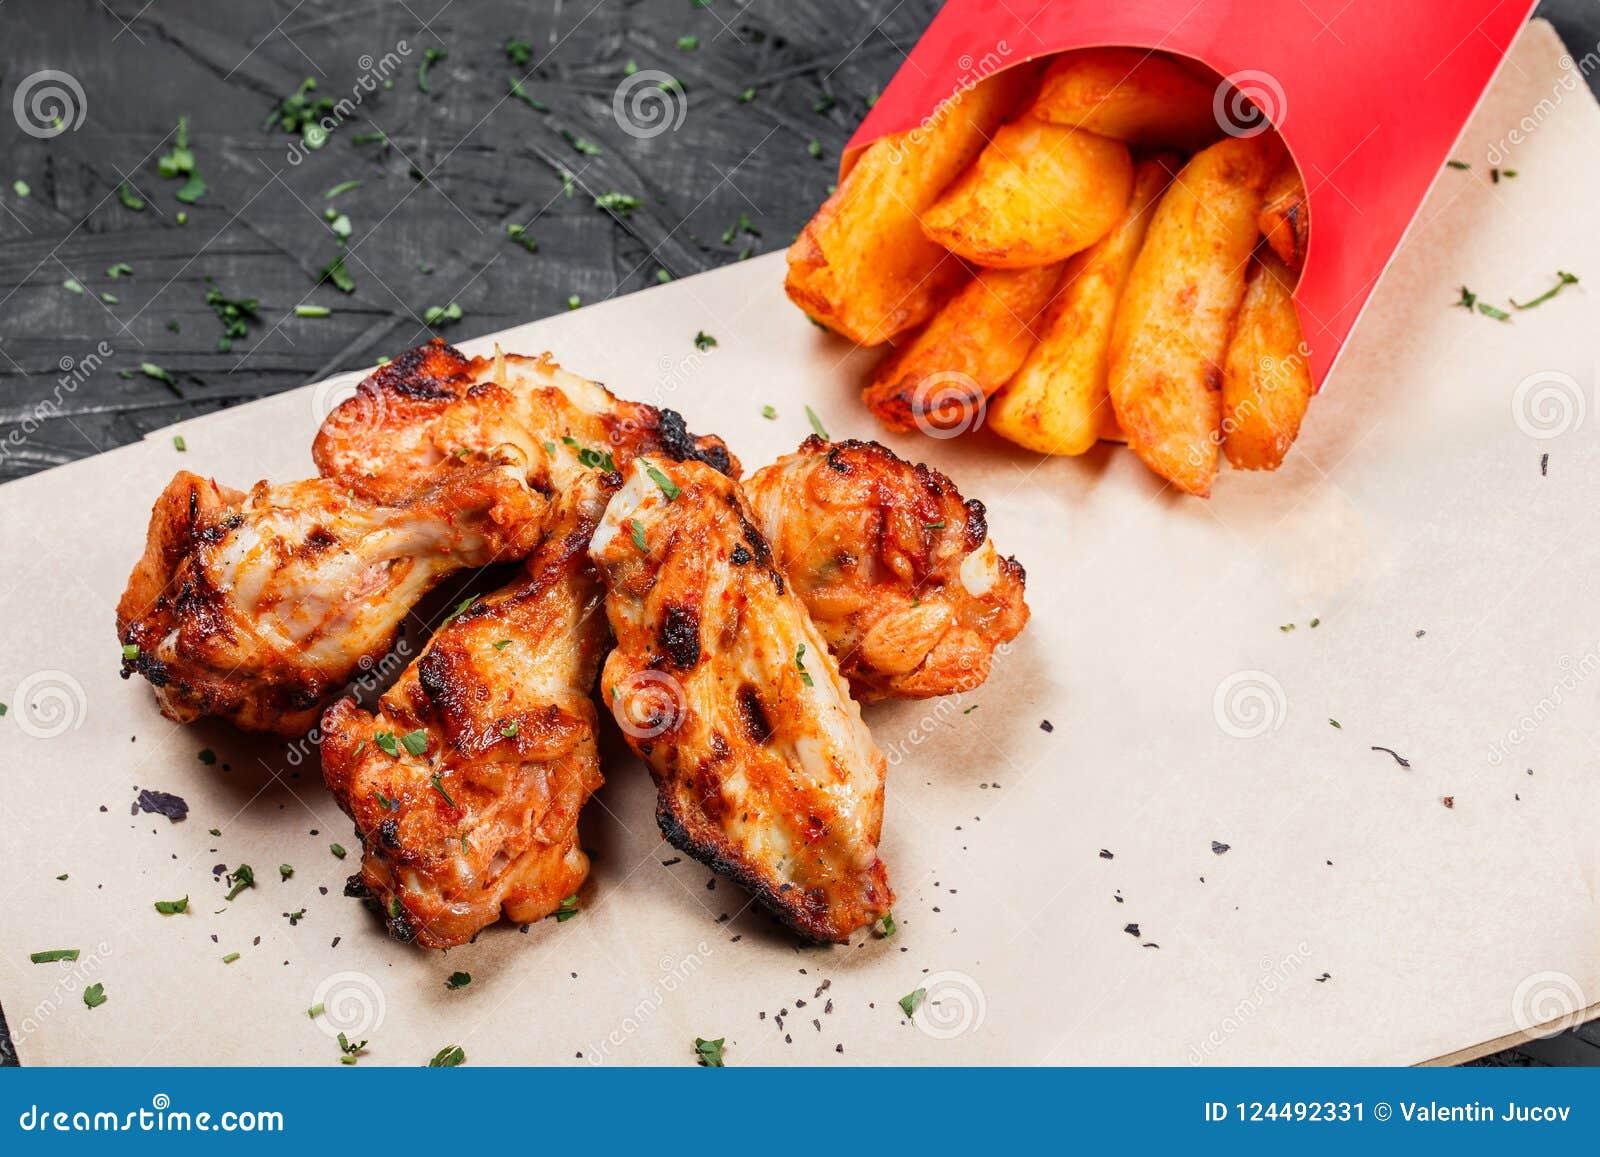 Ali di pollo fritto con le patate al forno sulla carta del mestiere su fondo nero